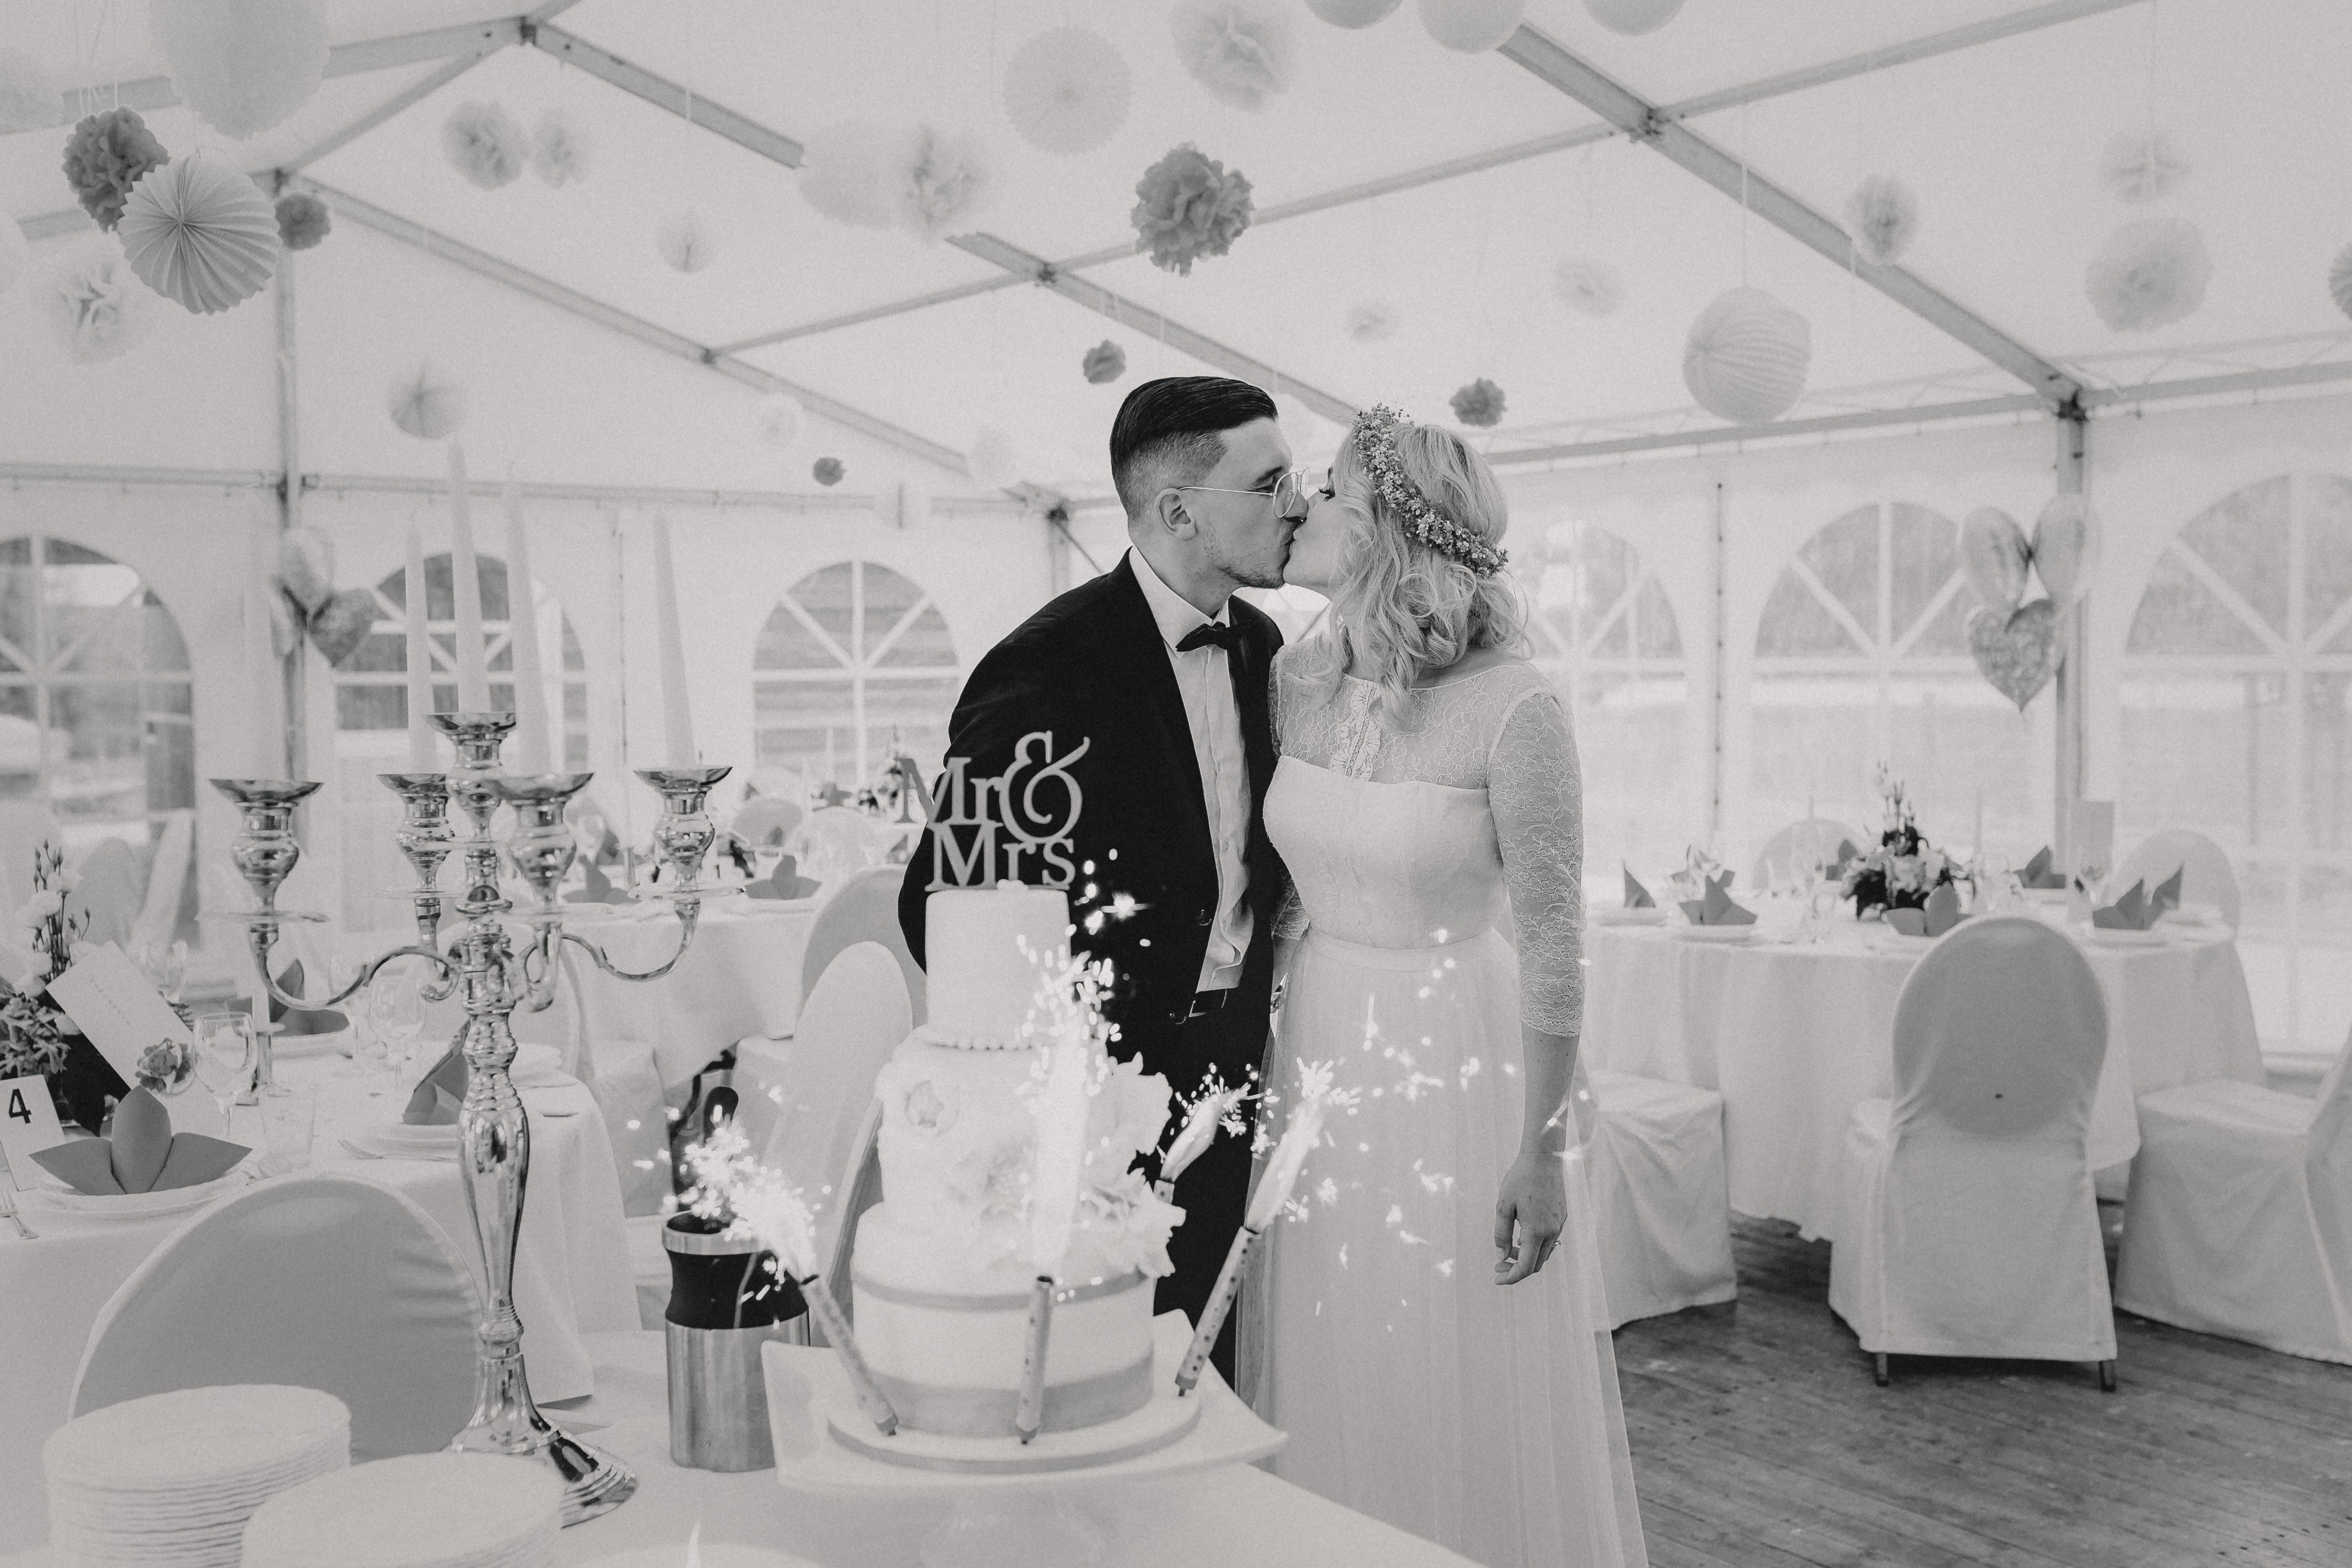 mareike wiesner photography Hochzeitsreportage header - Home